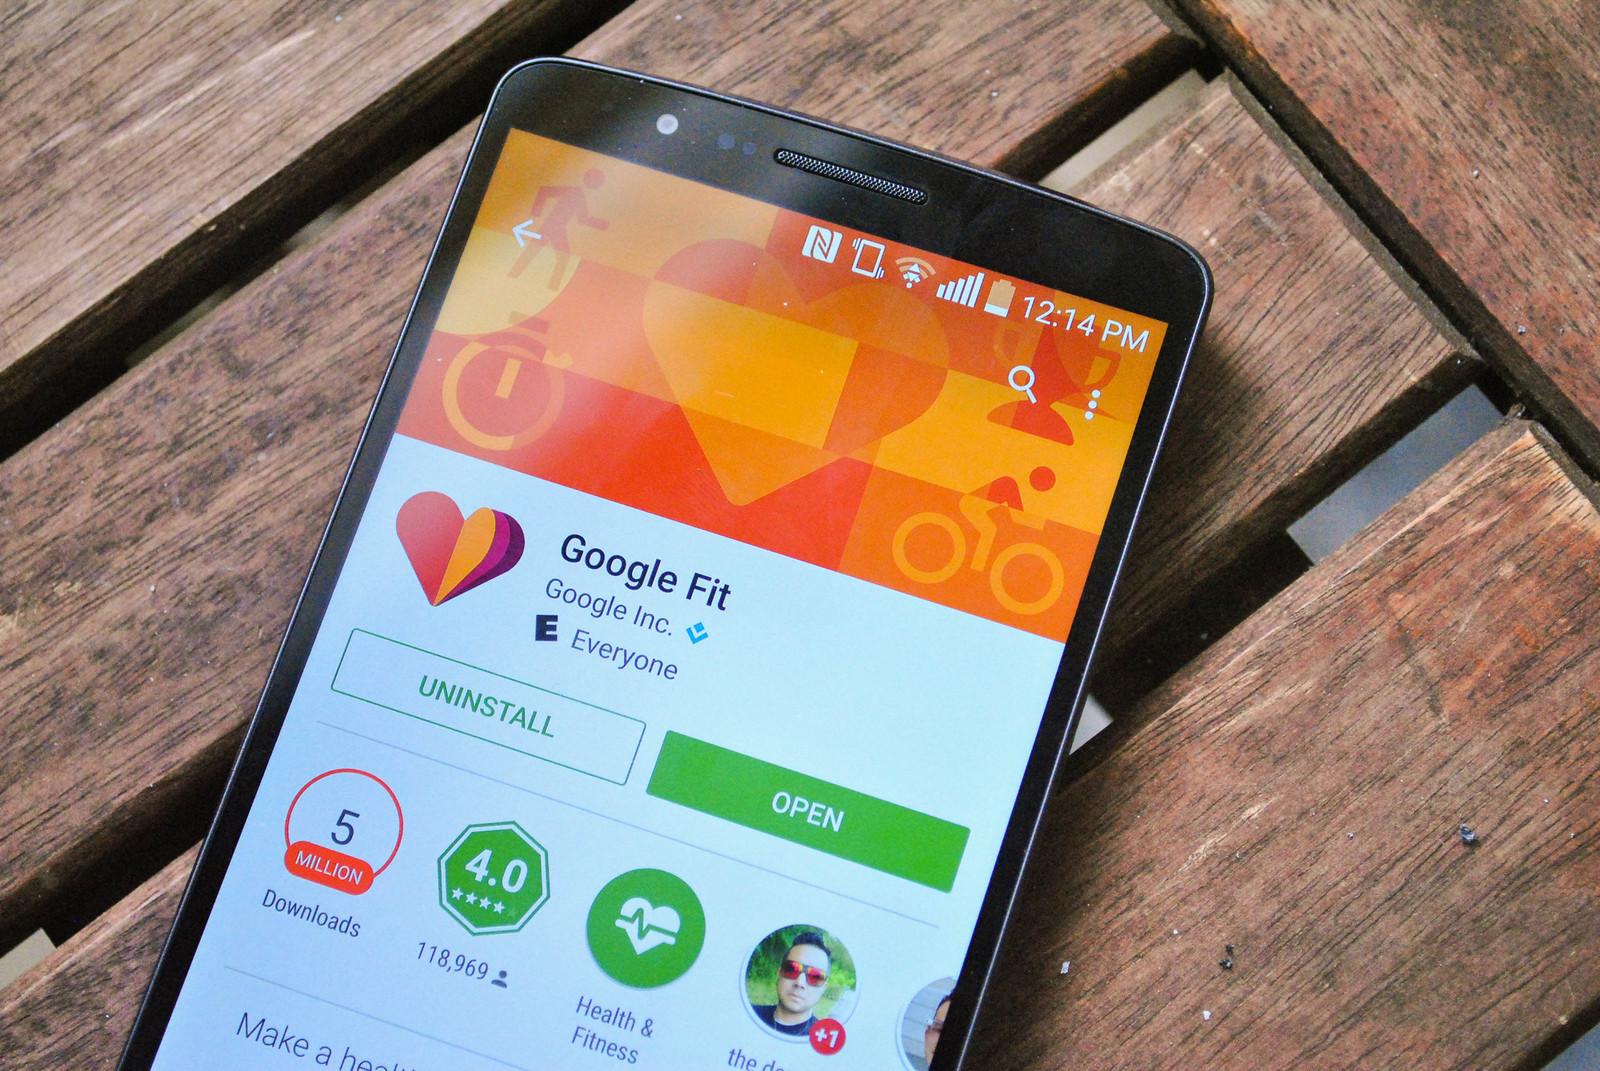 Google Fit L App Per La Salute Che Incentiva Al Benessere Quotidiano Jonica Radio